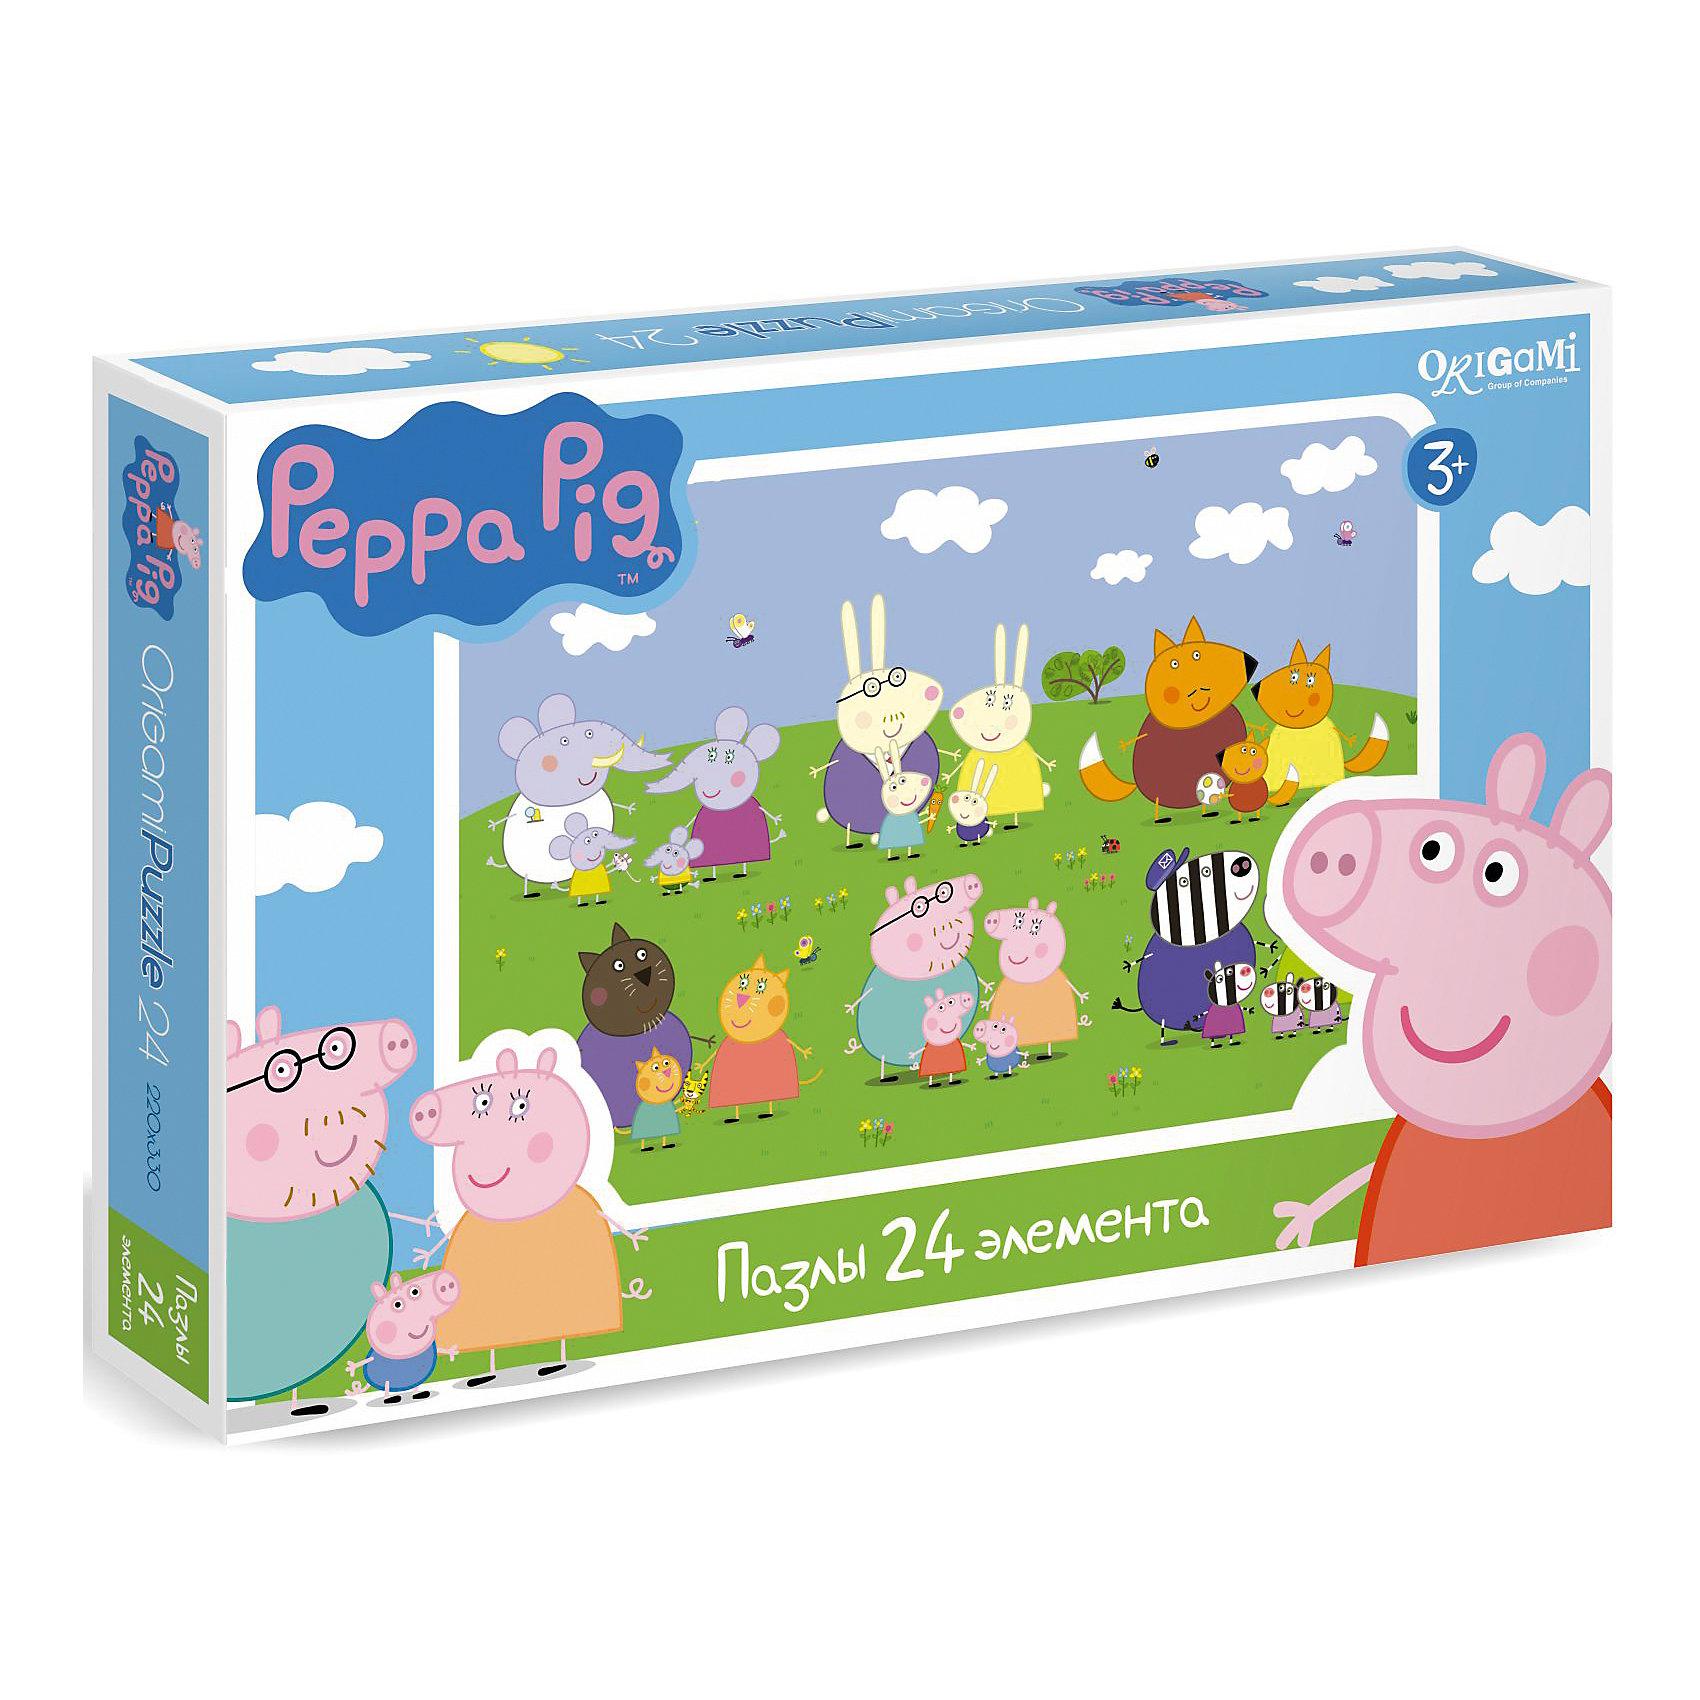 Пазл Свинка Пеппа, 24 детали, OrigamiПазл Свинка Пеппа, Origami - увлекательный набор для творчества, который заинтересует Вашего малыша и подарит ему отличное настроение. Из деталей пазла он сможет собрать красочную картинку с веселым сюжетом из популярного мультсериала Peppa Pig: на зеленой лужайке собрались семейства слоников, зайцев, лис, котов, зебр и, конечно же, свинок. Пазл отличается высоким качеством полиграфии и насыщенными цветами. Благодаря ламинированному покрытию, картинка надолго сохраняет свой блеск и яркие цвета. Плотный картон не дает деталям мяться и обеспечивает надежное соединение. Собирание пазла способствует развитию логического и пространственного мышления, внимания, мелкой моторики и координации движений.<br><br>Дополнительная информация:<br><br>- Материал: картон. <br>- Количество деталей: 24.<br>- Размер собранной картинки: 22 х 33 см.<br>- Размер упаковки: 26,5 х 3,5 х 17,5 см.<br>- Вес: 230 гр.<br> <br>Пазл Свинка Пеппа, 24 детали, Origami, можно купить в нашем интернет-магазине.<br><br>Ширина мм: 265<br>Глубина мм: 35<br>Высота мм: 175<br>Вес г: 230<br>Возраст от месяцев: 36<br>Возраст до месяцев: 96<br>Пол: Унисекс<br>Возраст: Детский<br>SKU: 4614936